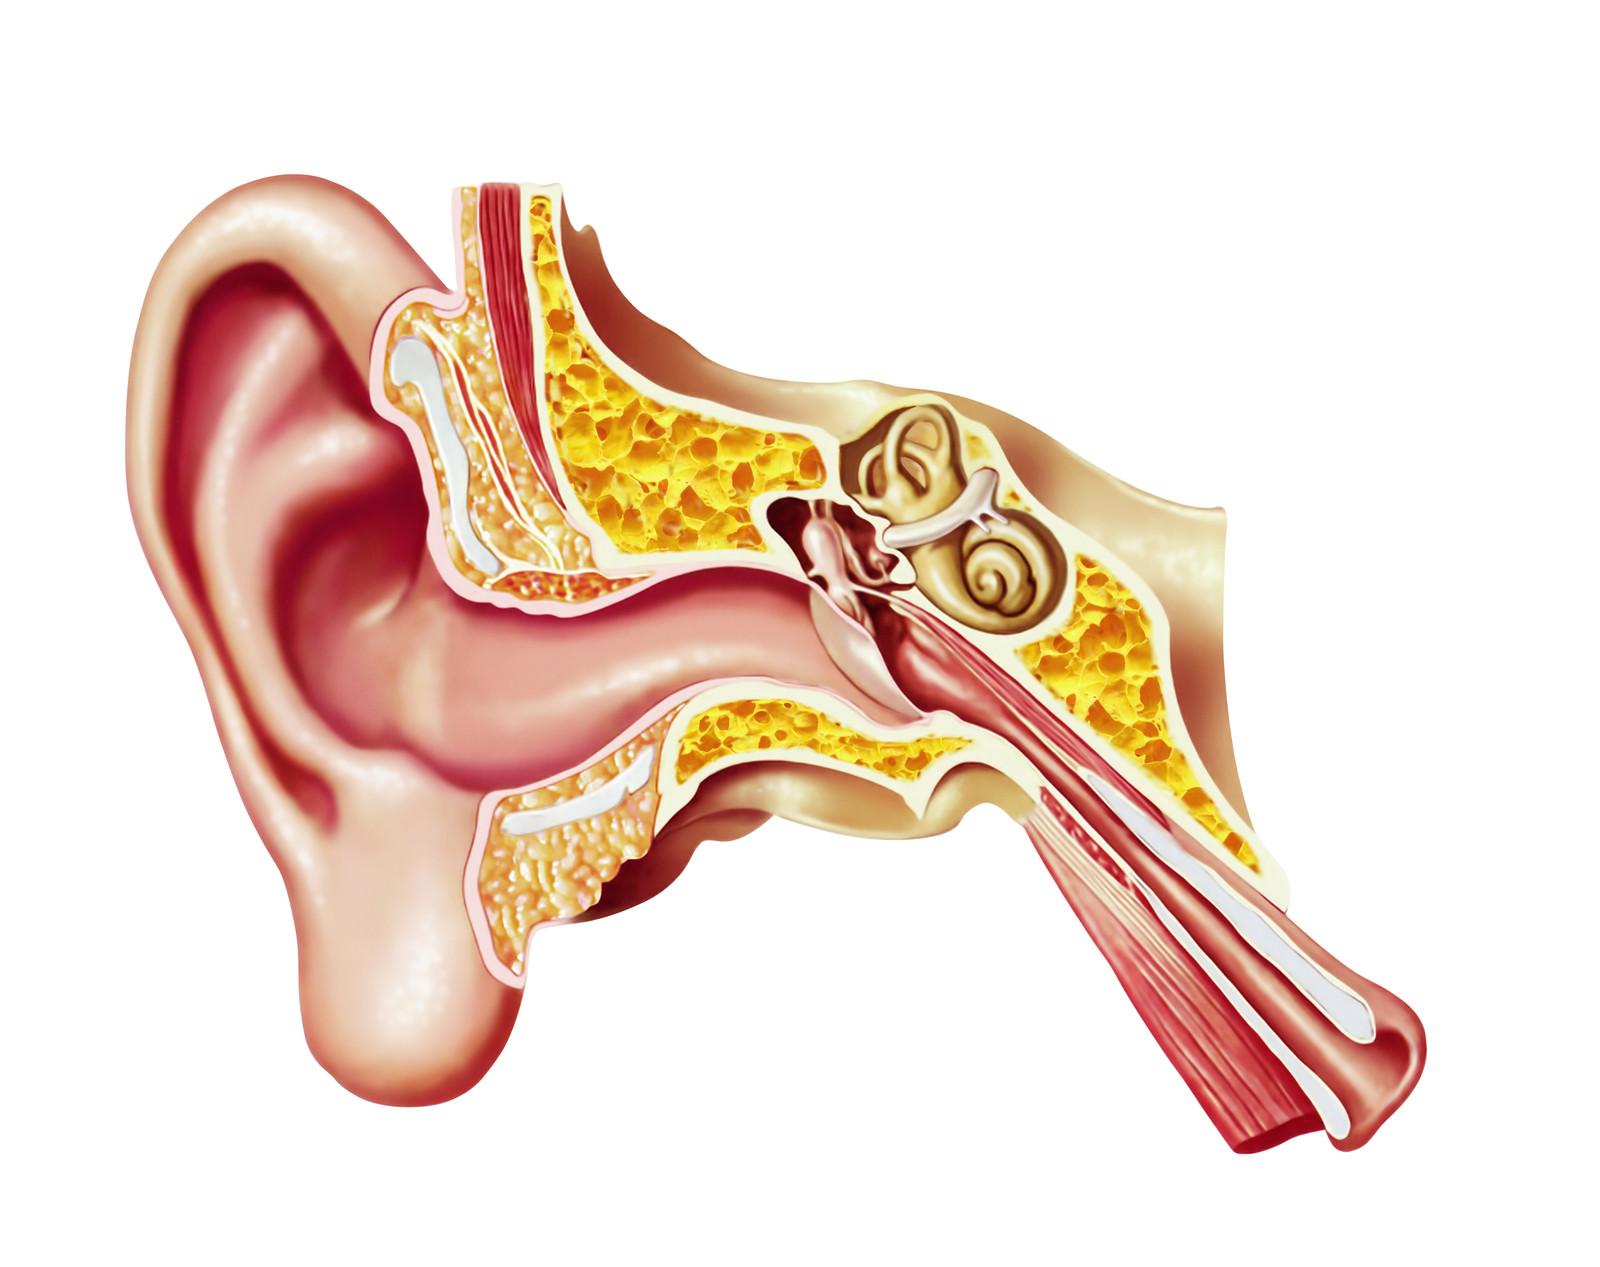 Ear Canal.jpg